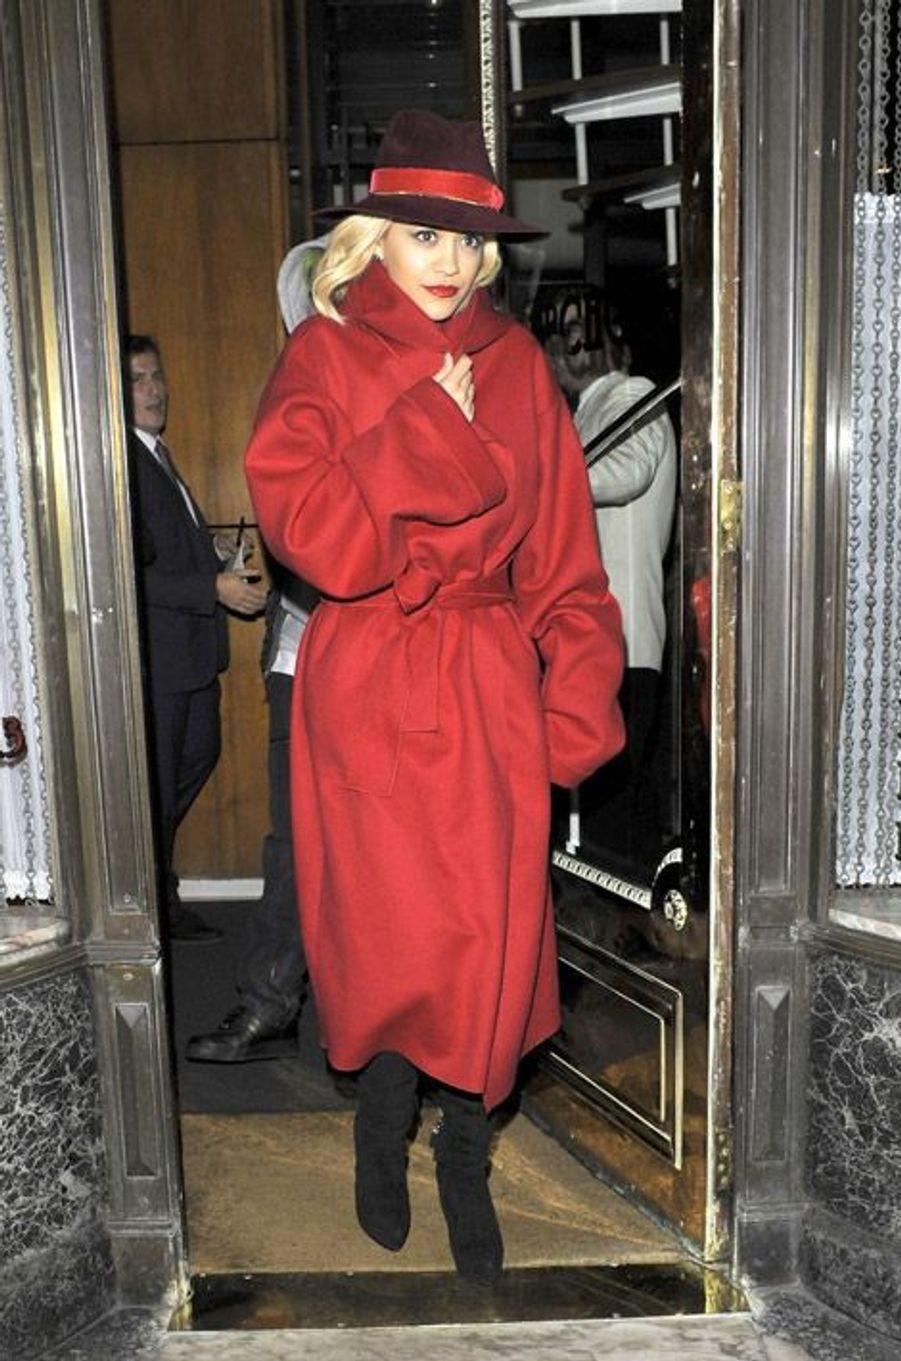 Manteau XL : la chanteuse Rita Ora à Londres, le 12 novembre 2014